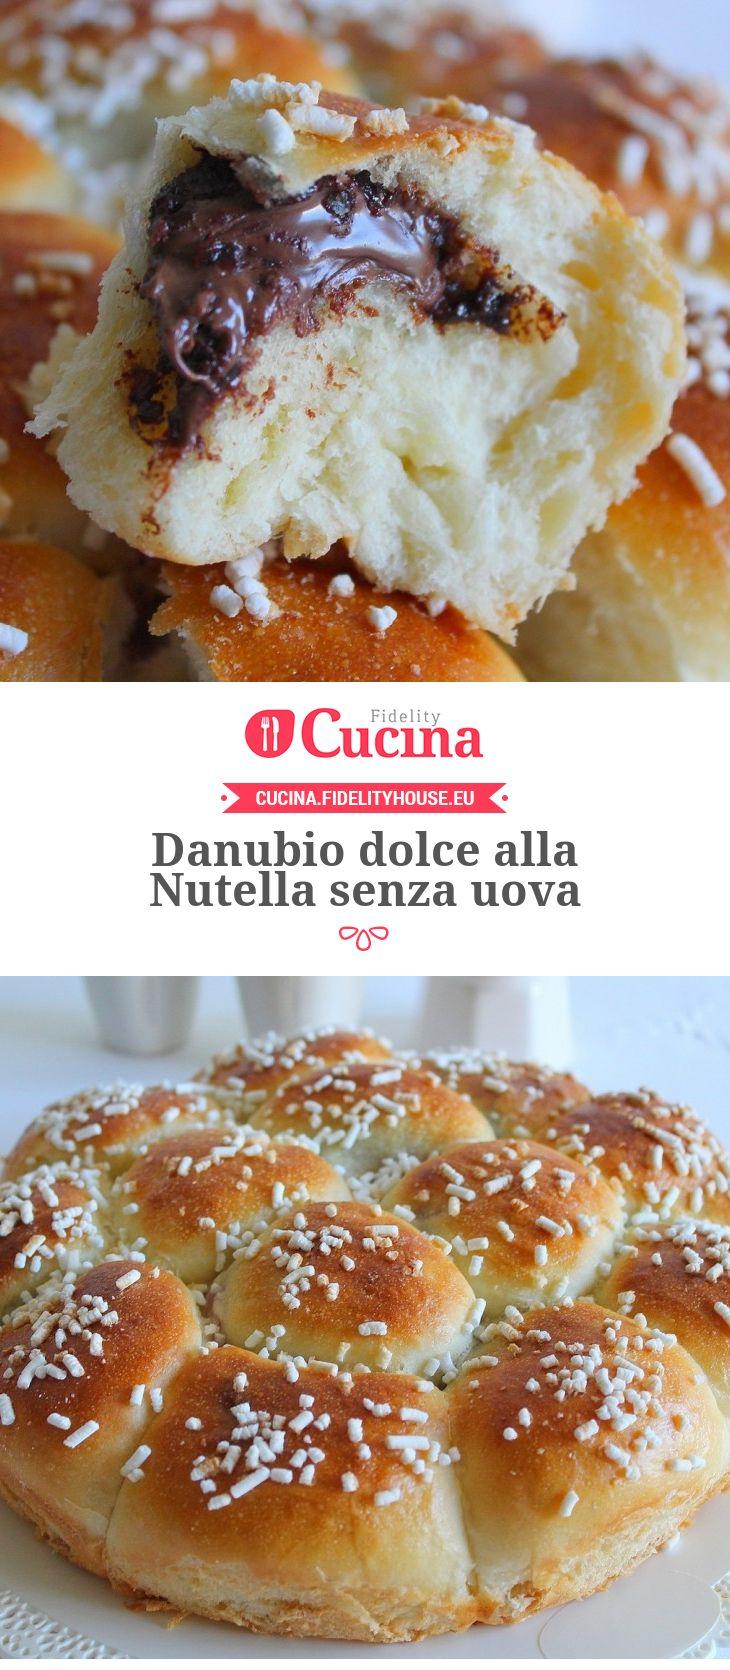 Danubio dolce alla #Nutella senza uova della nostra utente Giovanna. Unisciti alla nostra Community ed invia le tue ricette!